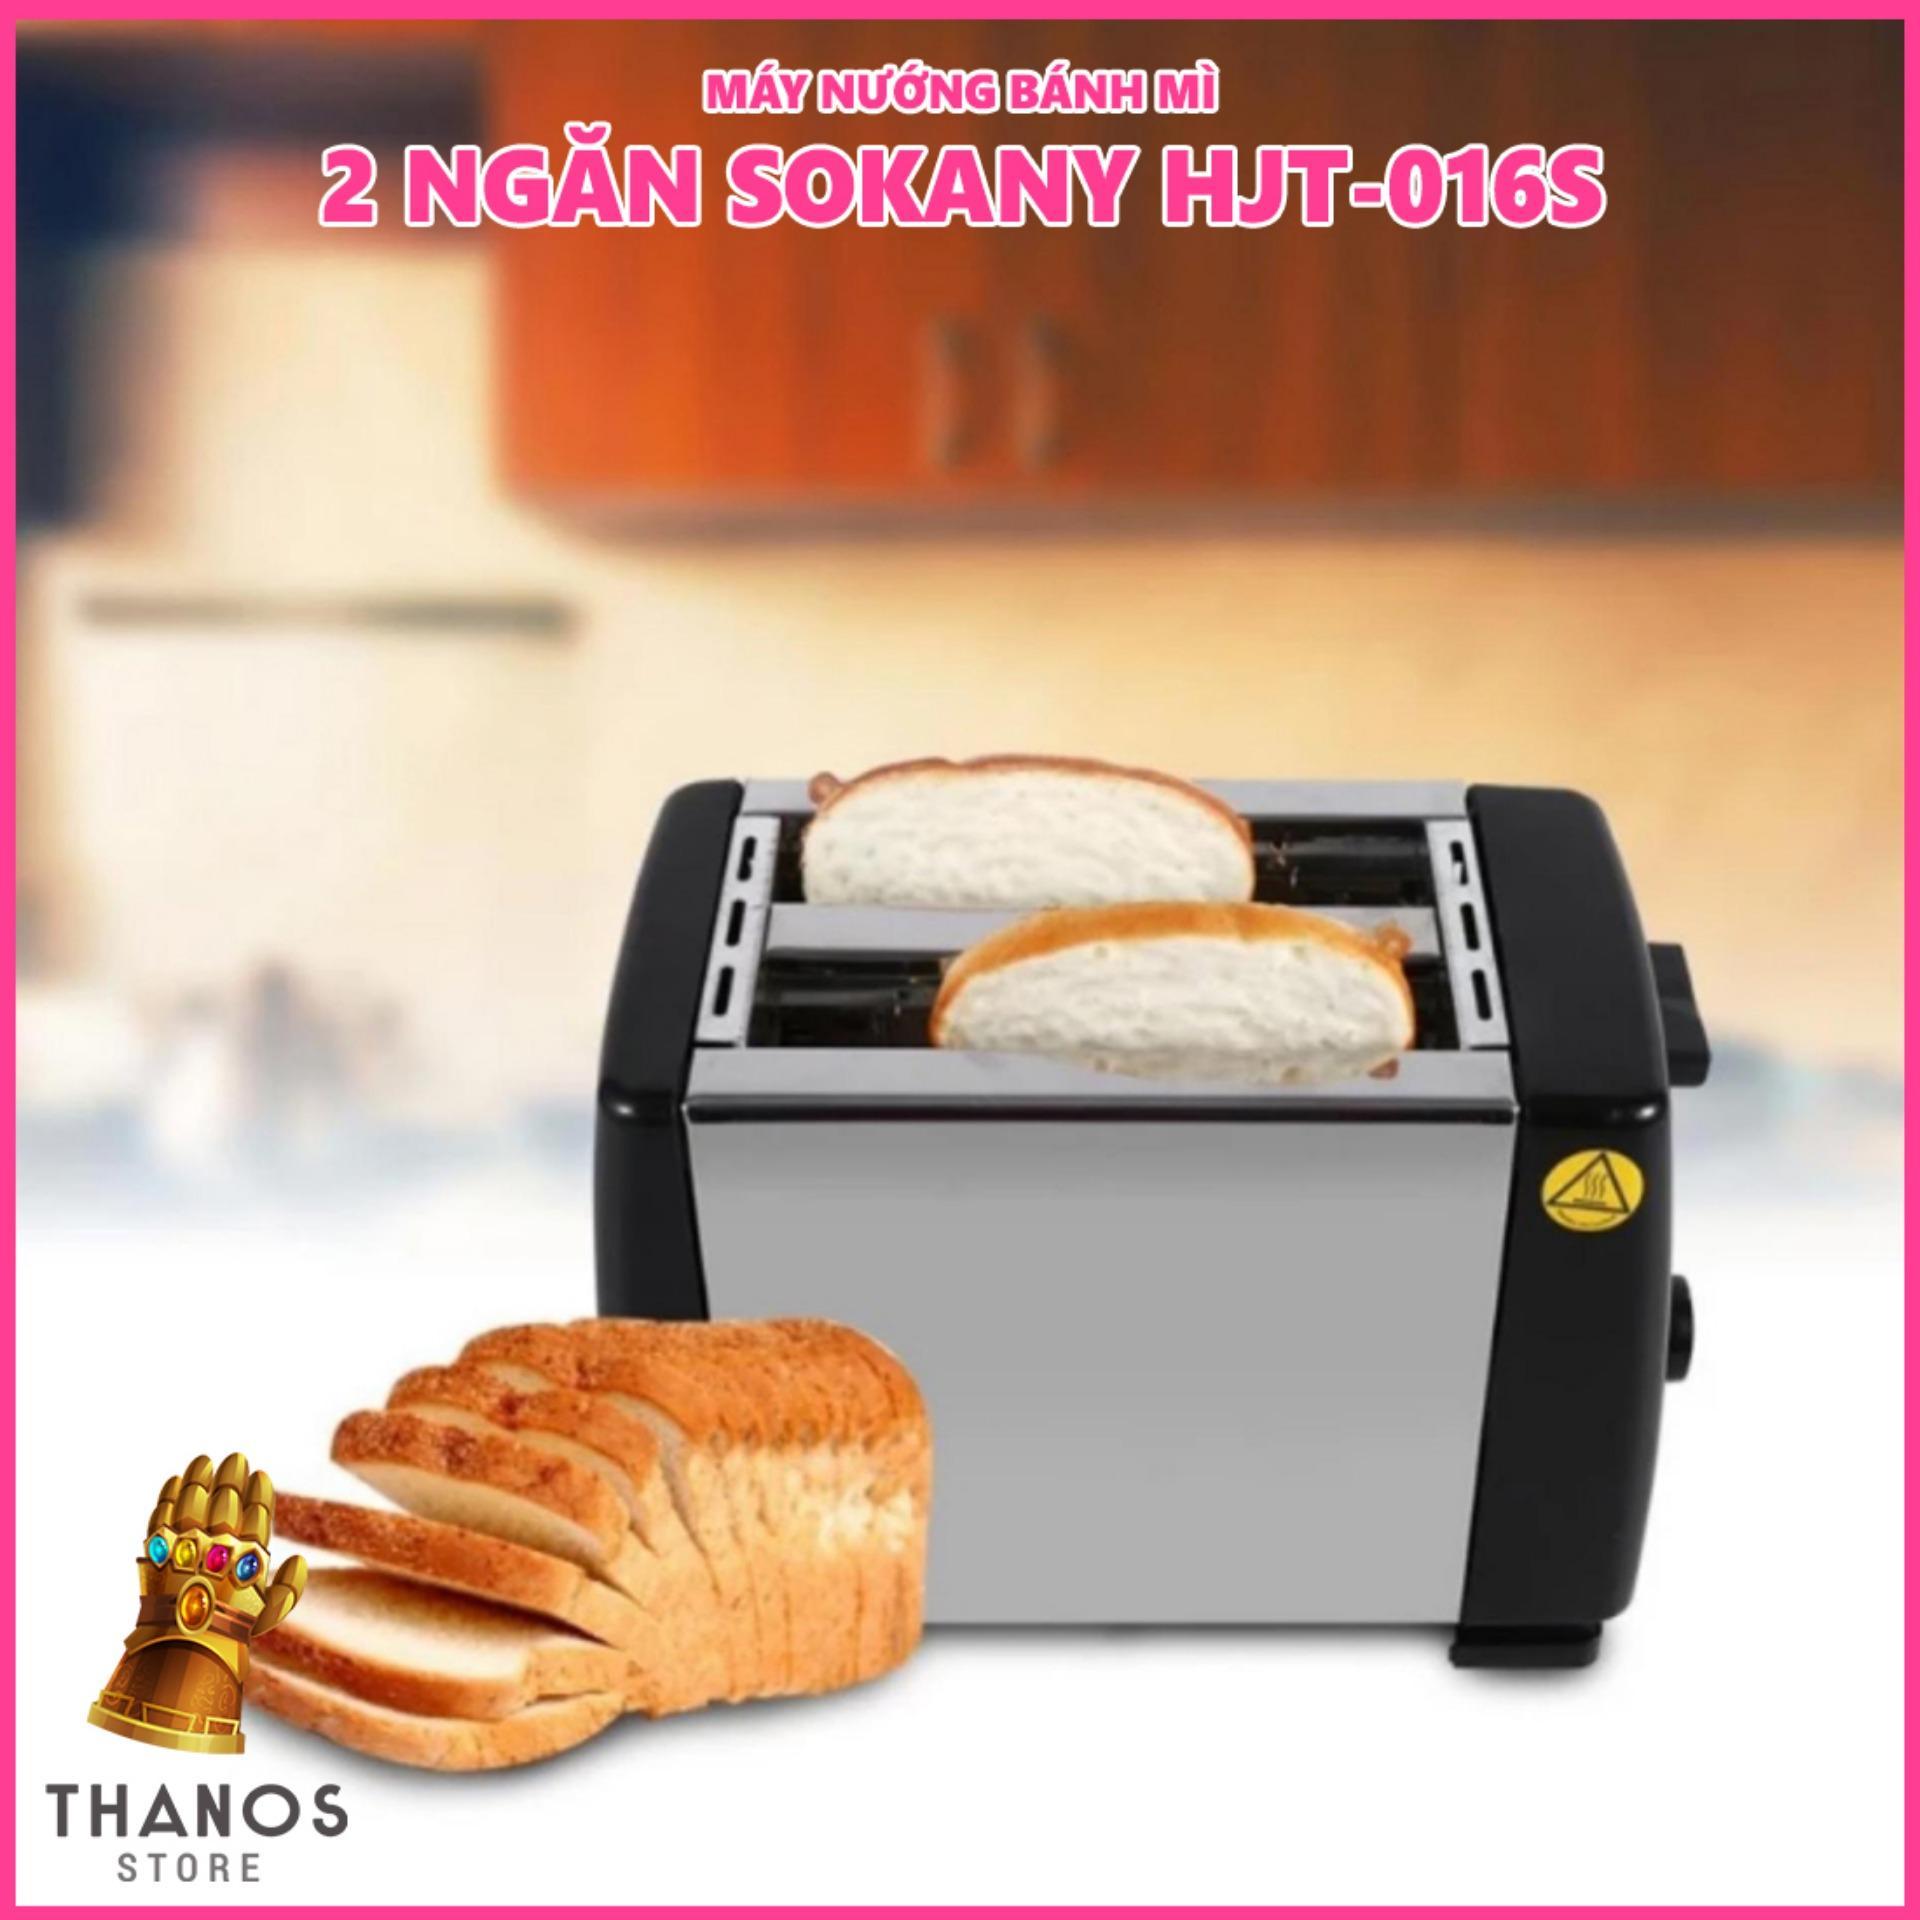 Hình ảnh Máy nướng bánh mì 2 ngăn Sokany HJT-016S - Thanos Store